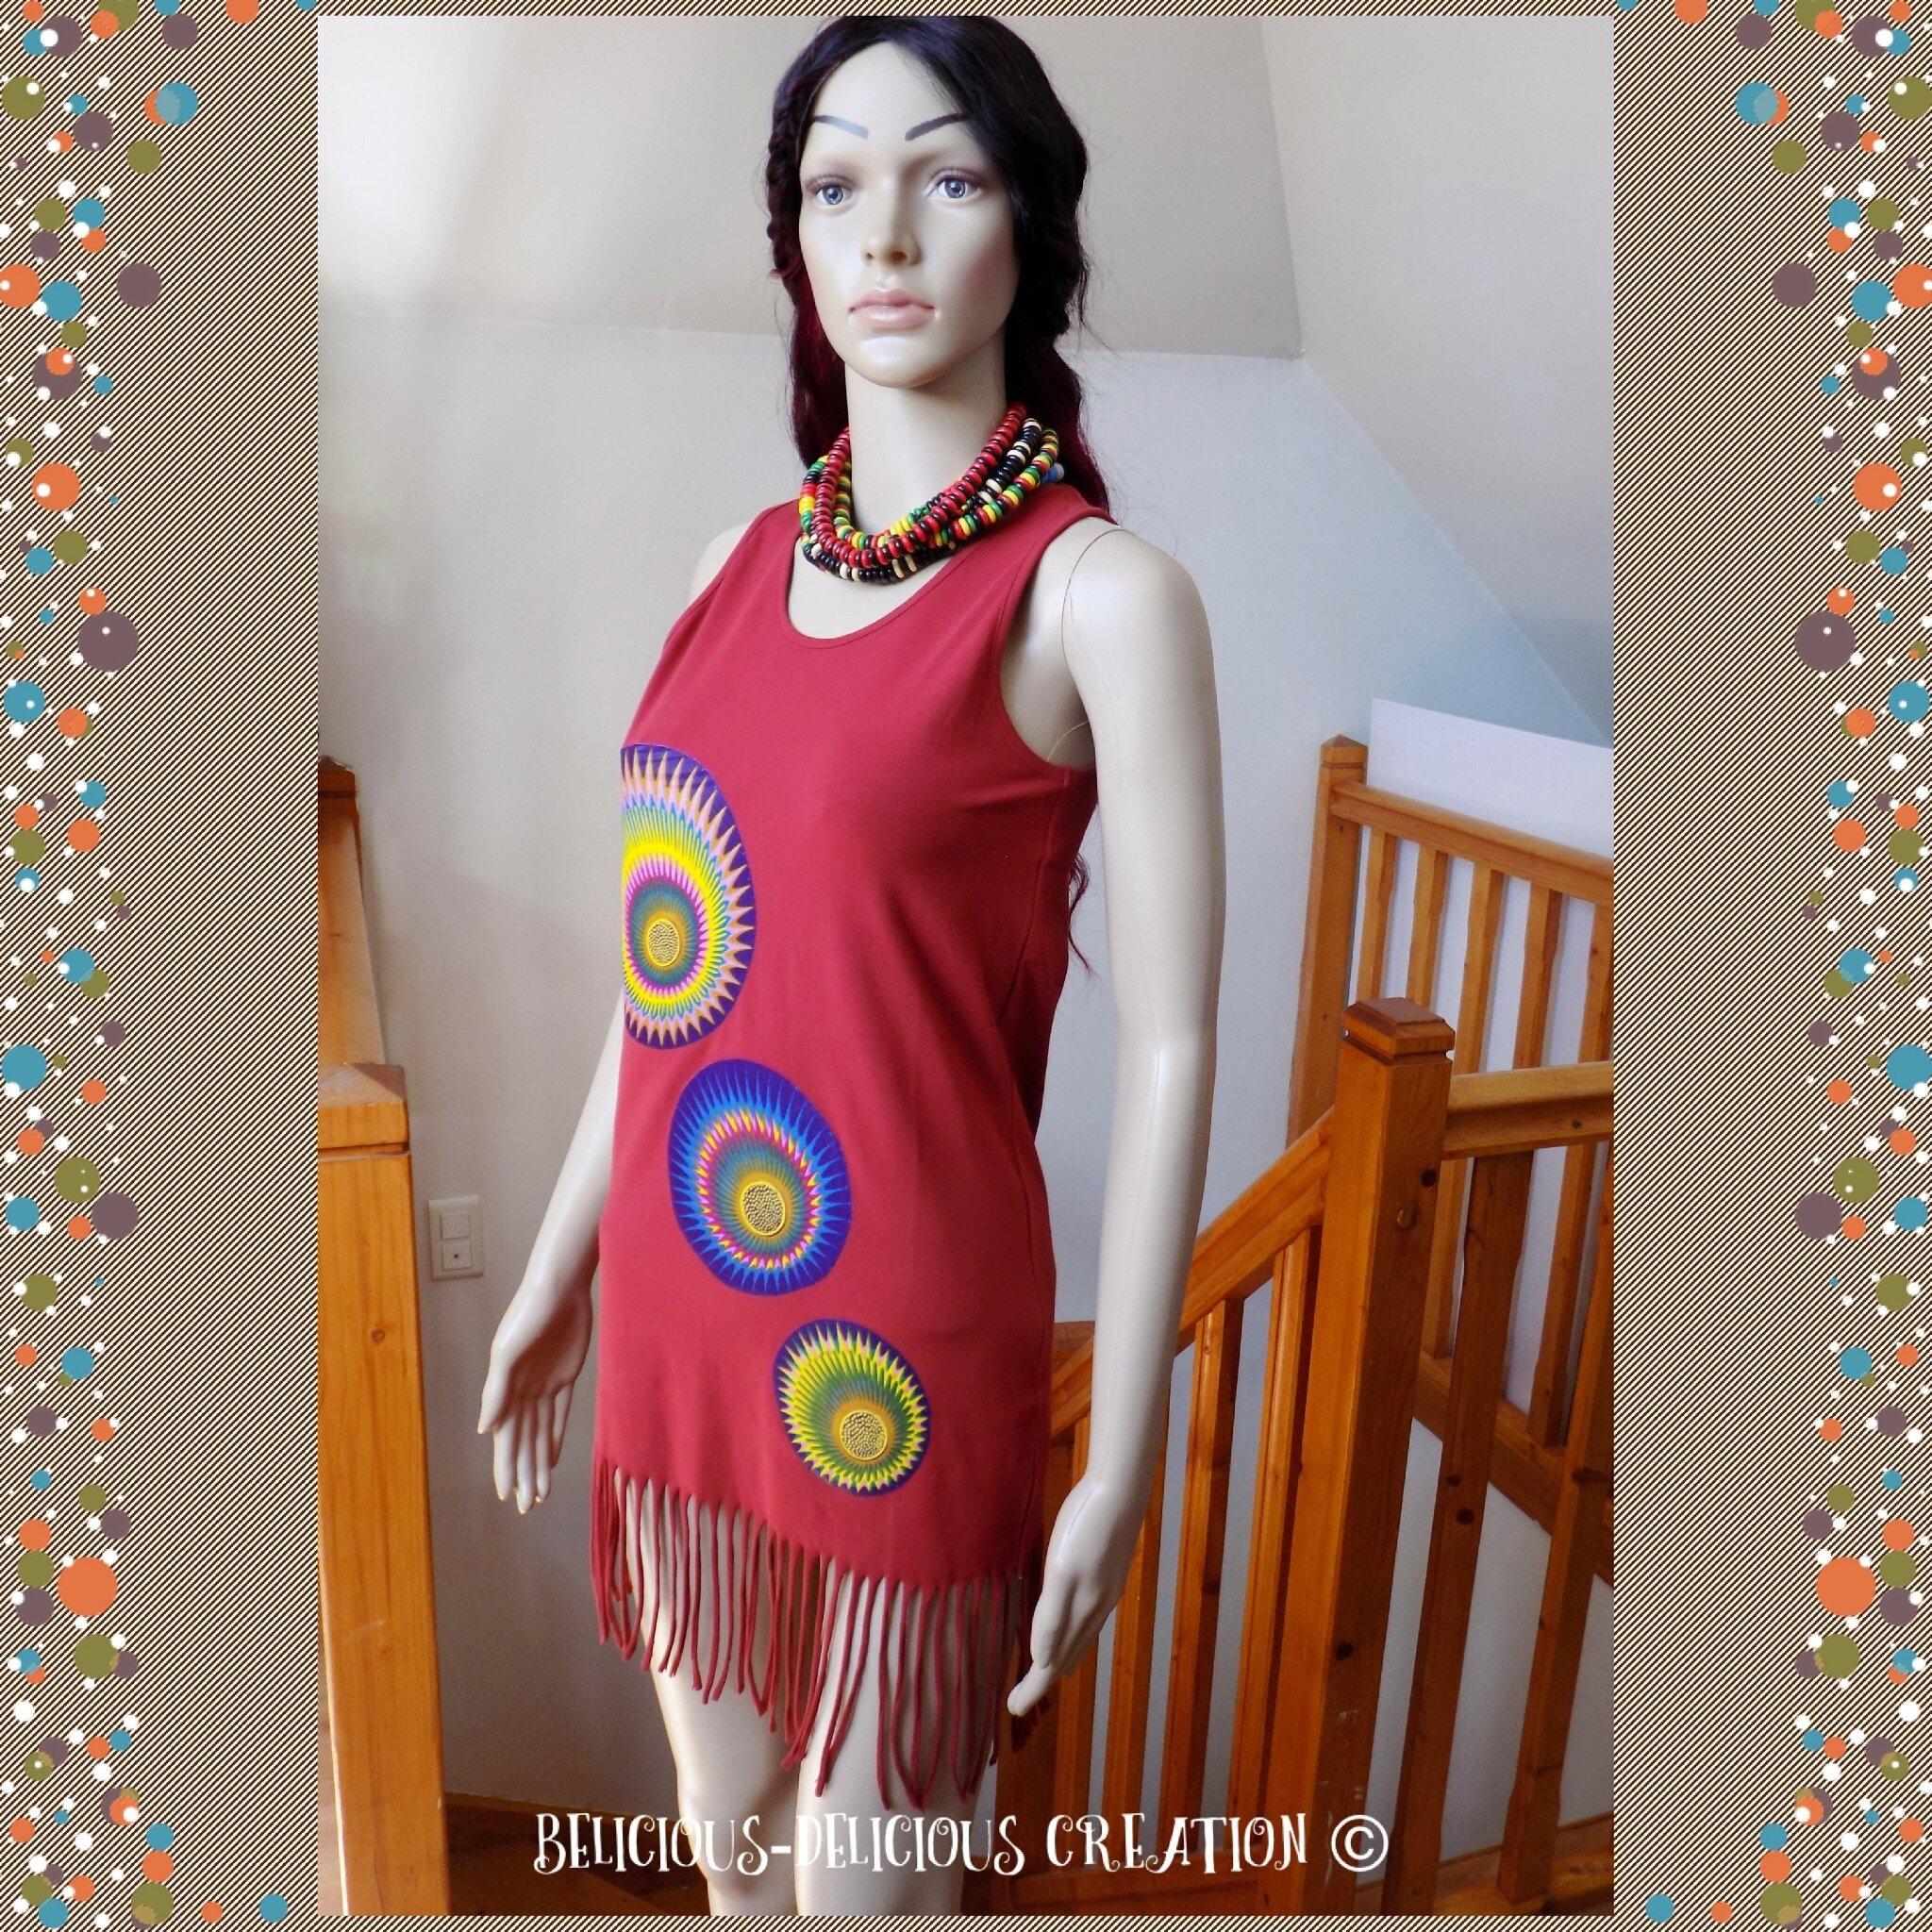 Originale Top !! AFROWAX !! en coton rouge/multicolore, Long 88cm Taille: 38 belicious-delicious-creation